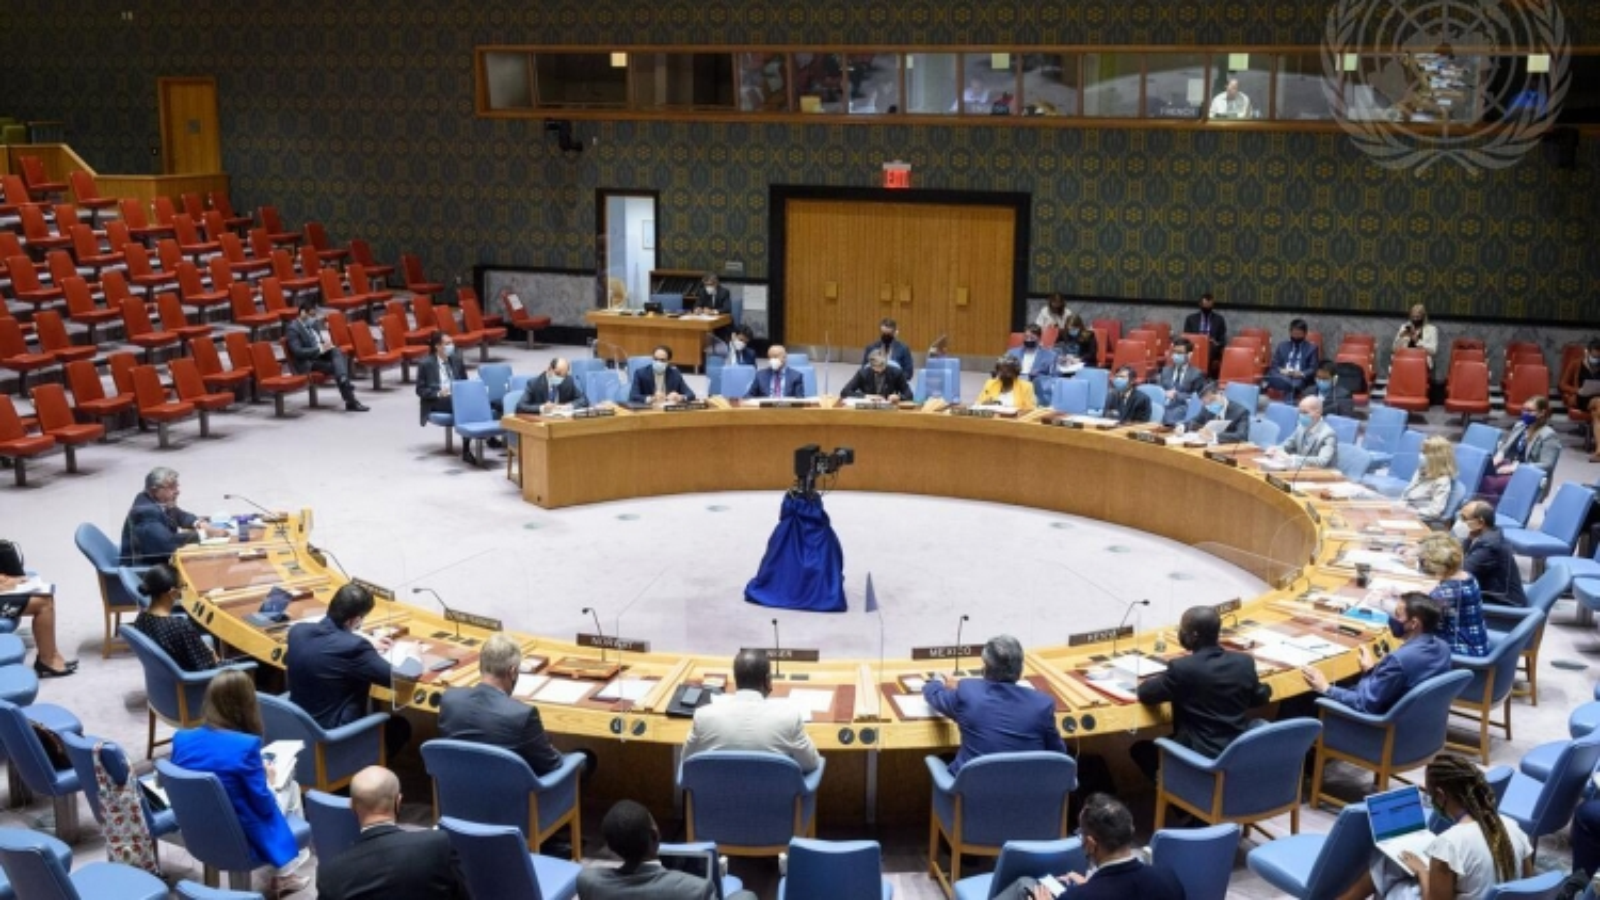 Hội đồng Bảo an họp định kỳ để nghe báo cáo về vấn đề vũ khí hoá học tại Syria